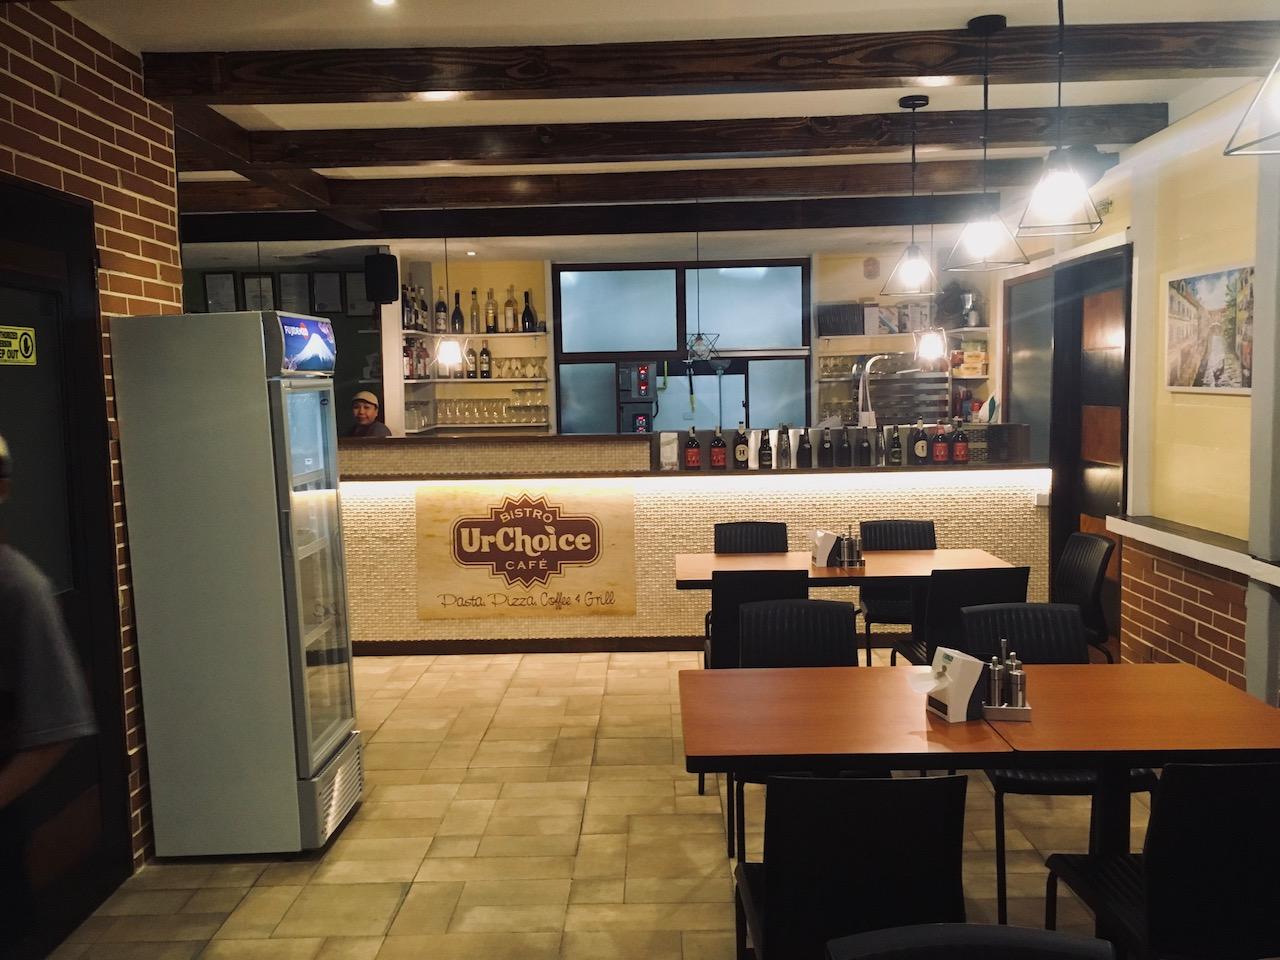 UrChoice Bistro Cafeの店内